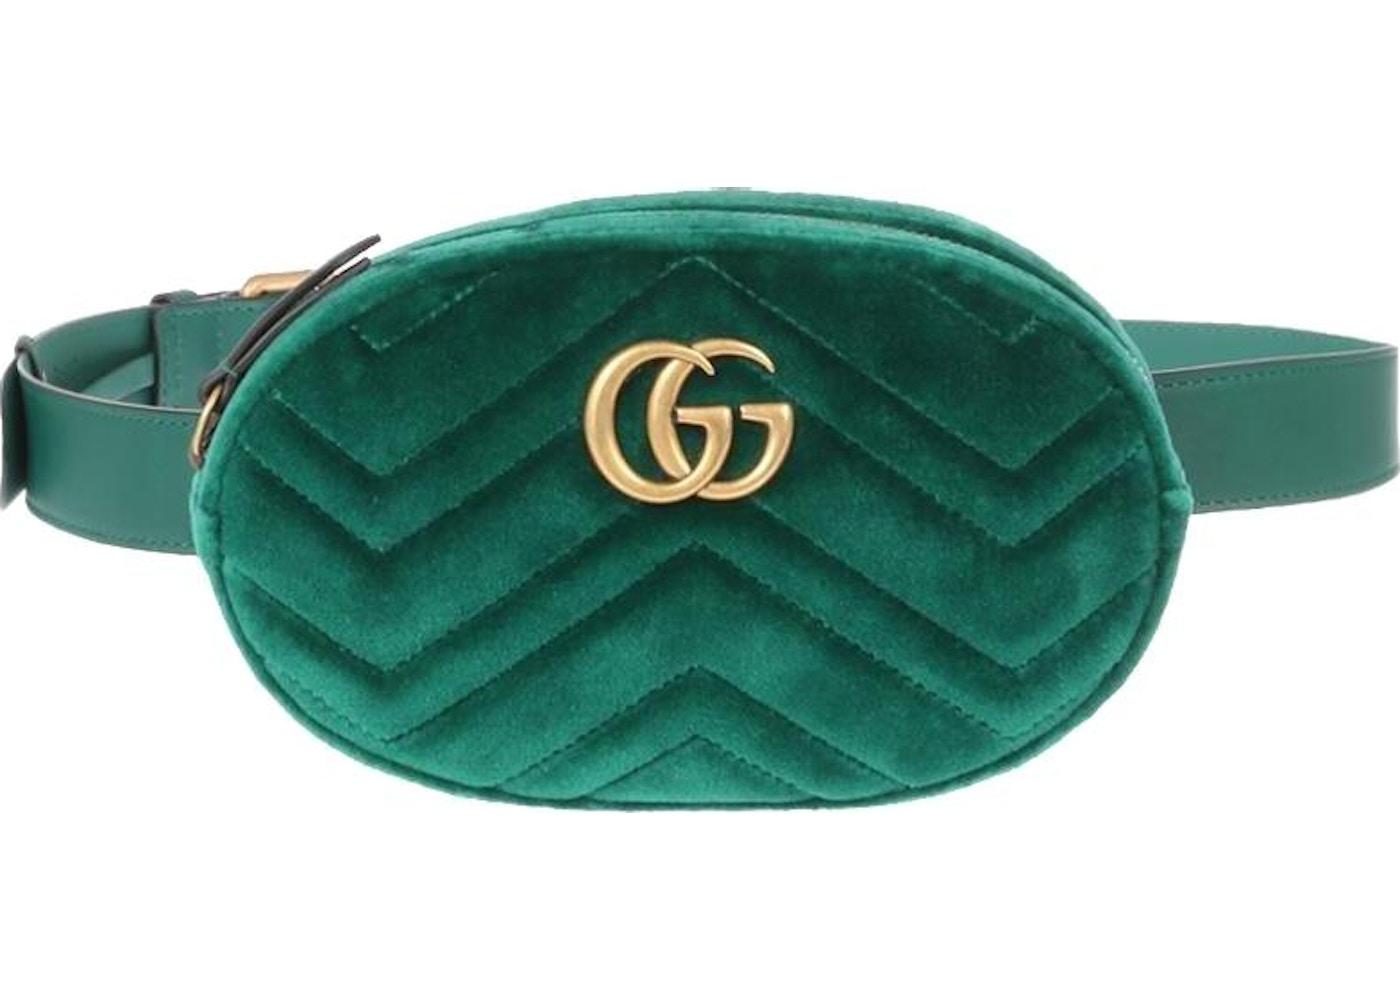 594c51a97aaae Gucci Marmont Belt Bag Matelasse Green